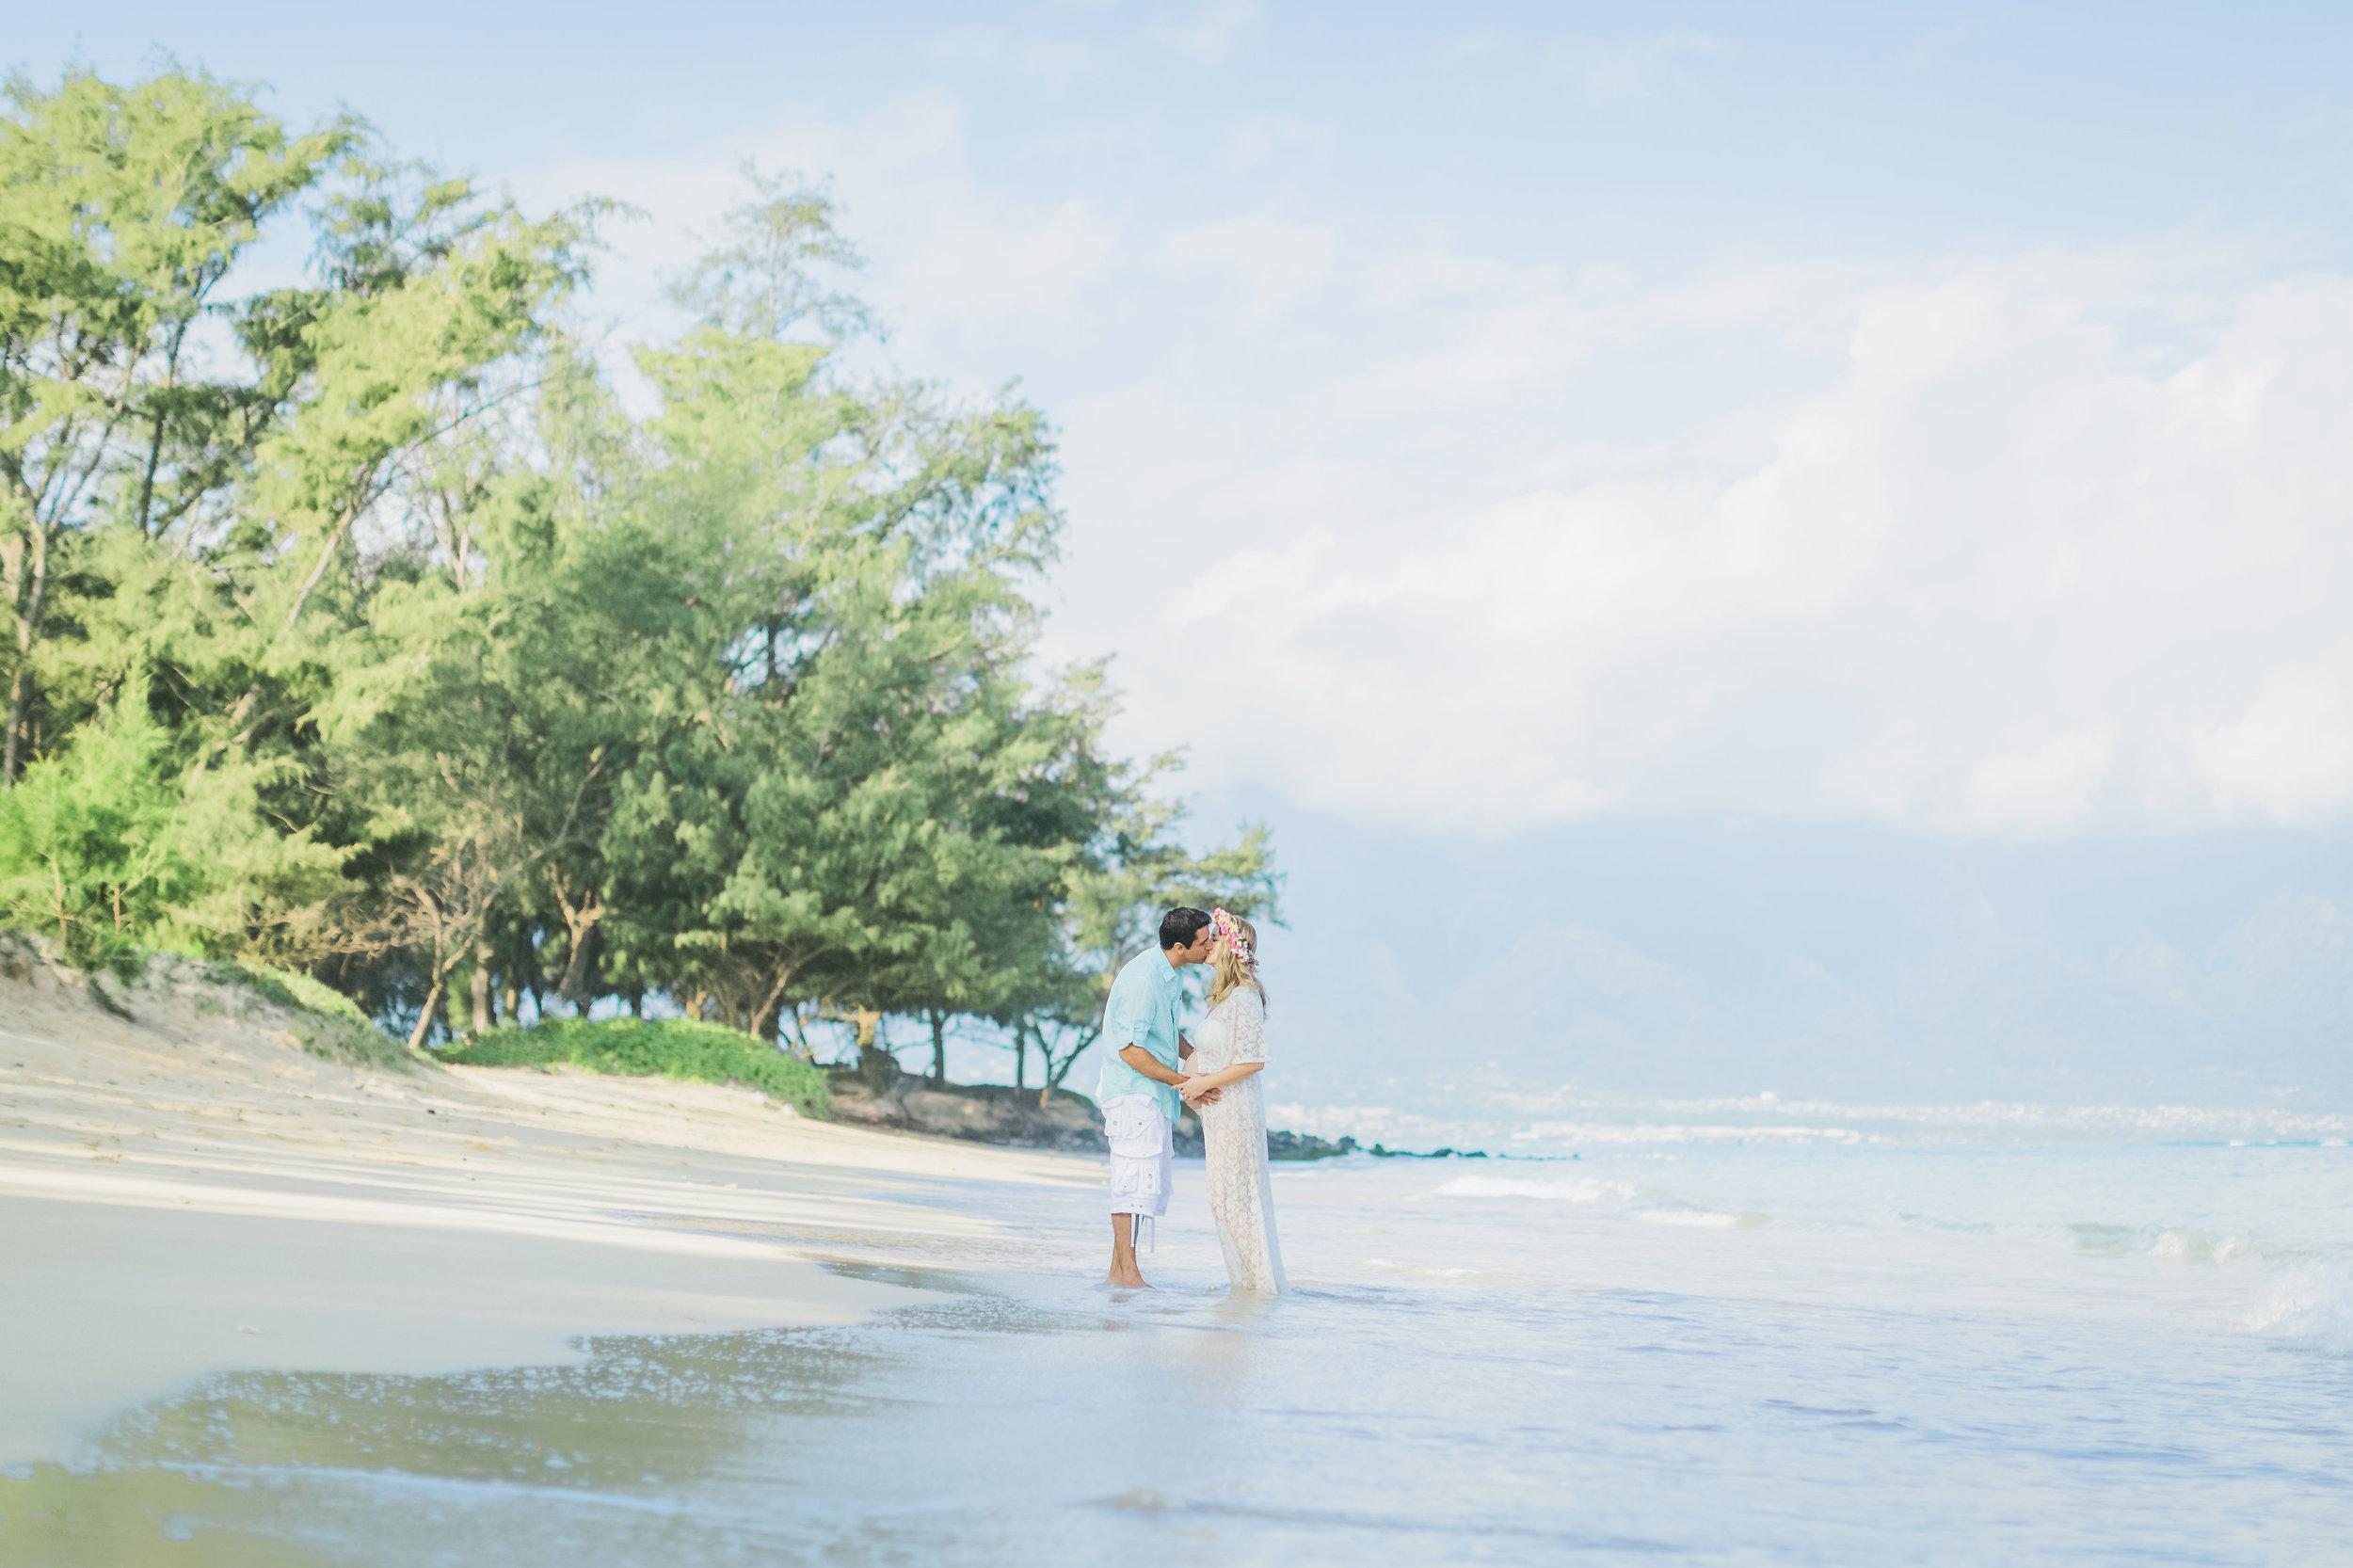 angie-diaz-photography-maui-family-maternity-kanaha-beach-17.jpg